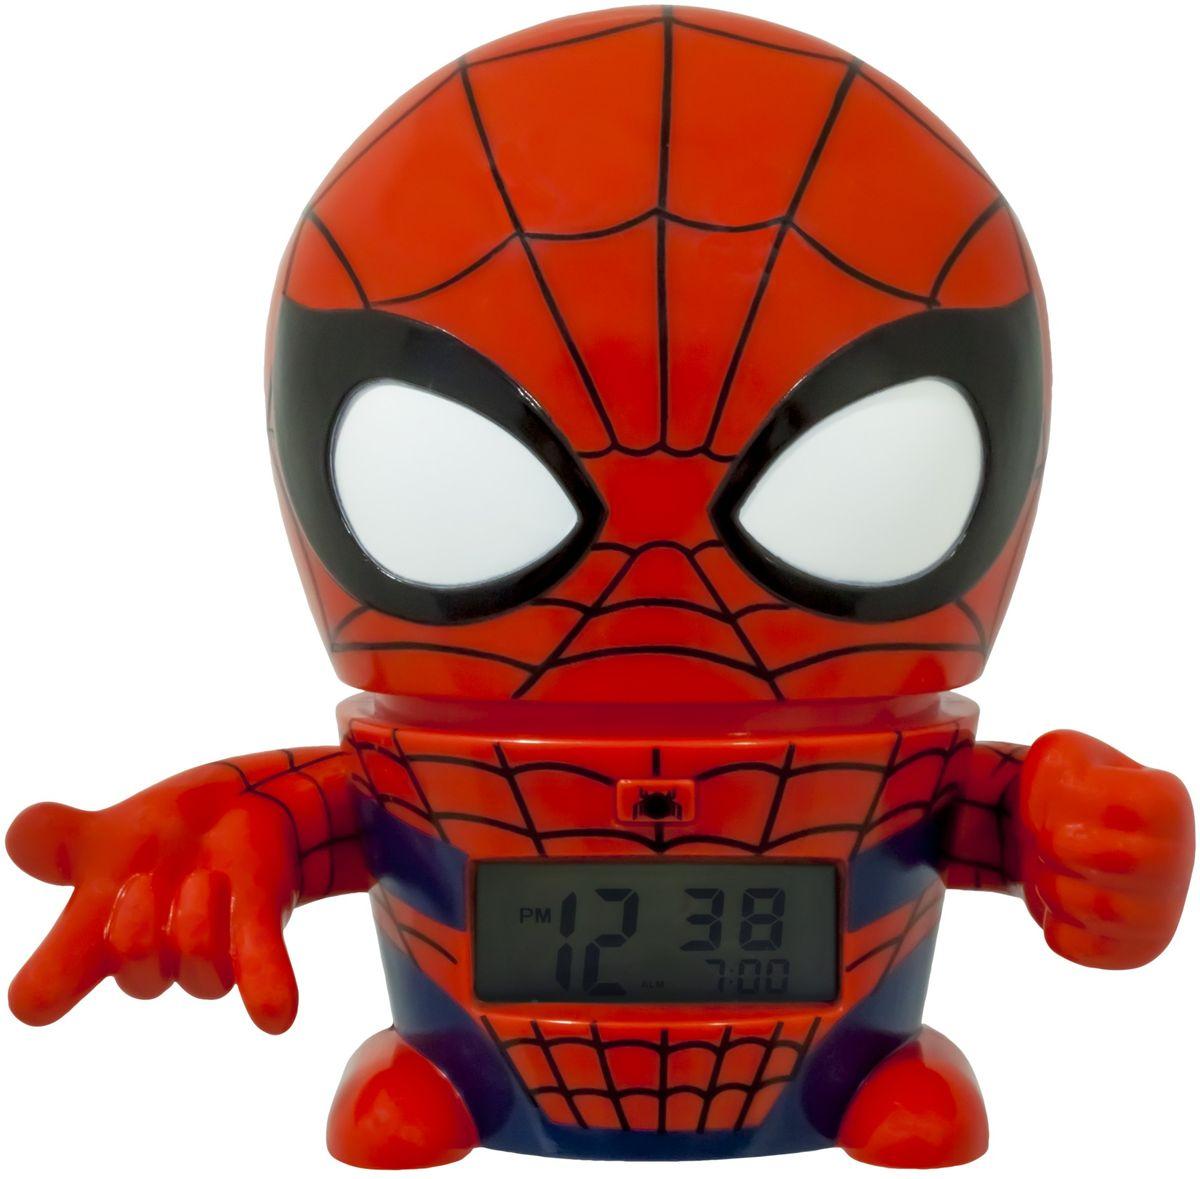 Marvel Spider-Man Будильник BulbBotz Spider-Man фотообои marvel spider man 1 84х1 27 м